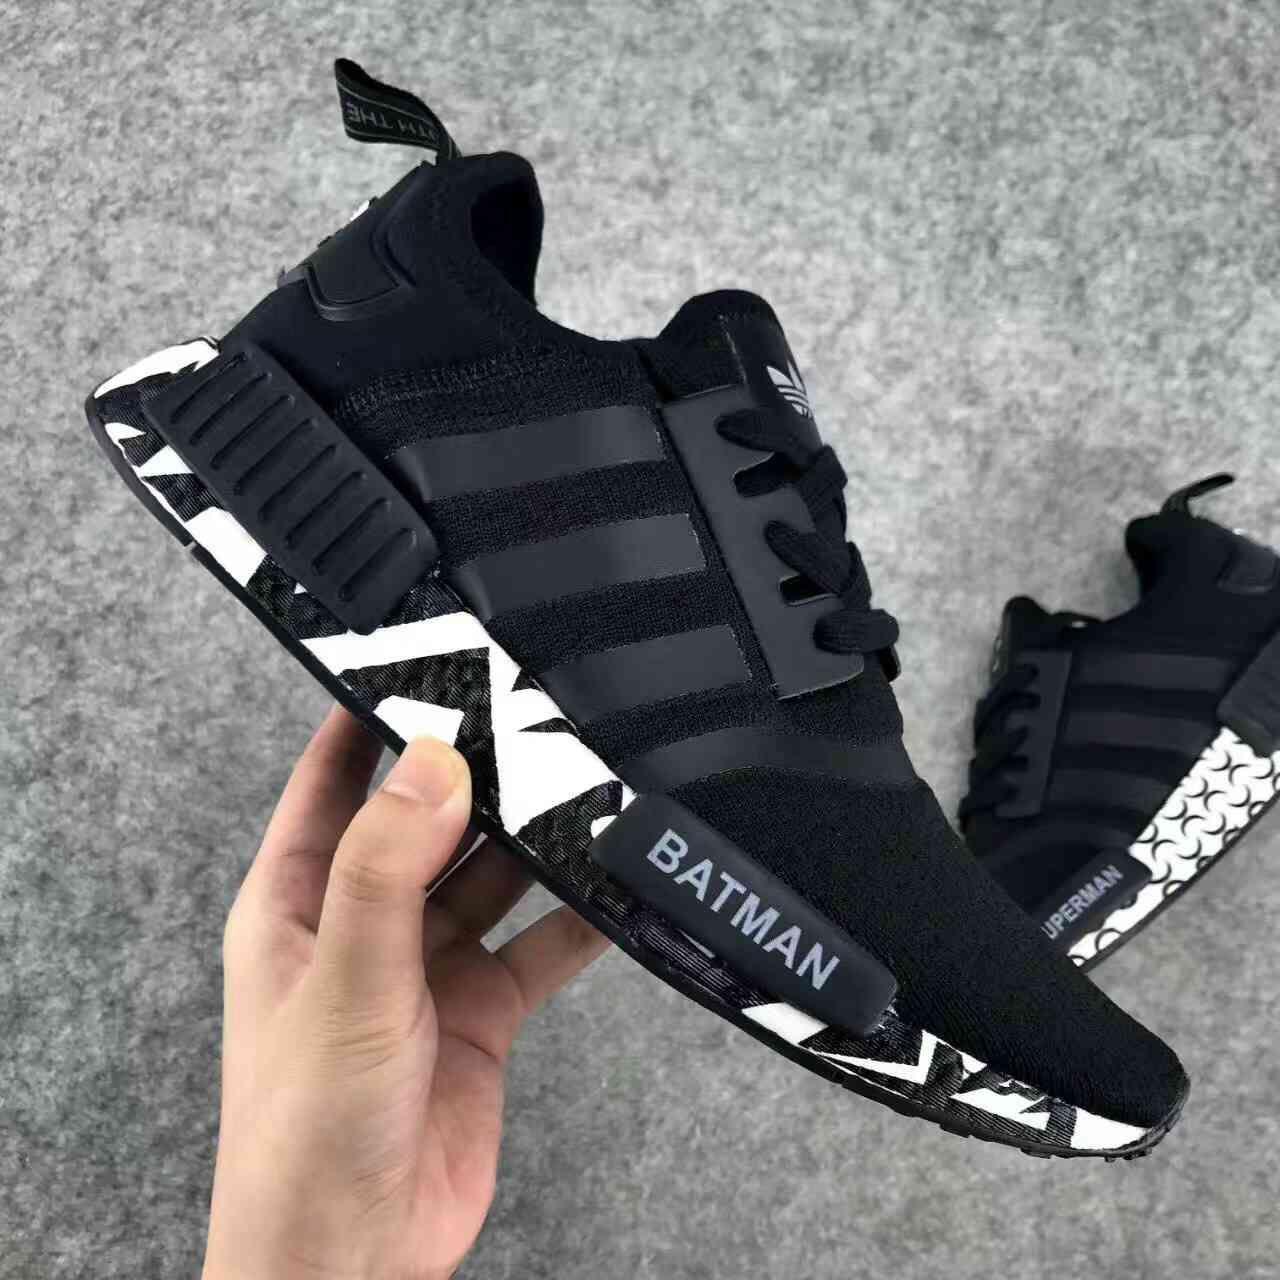 81c9ad6095 Pin de Shoes Mens en Shoes Mens d